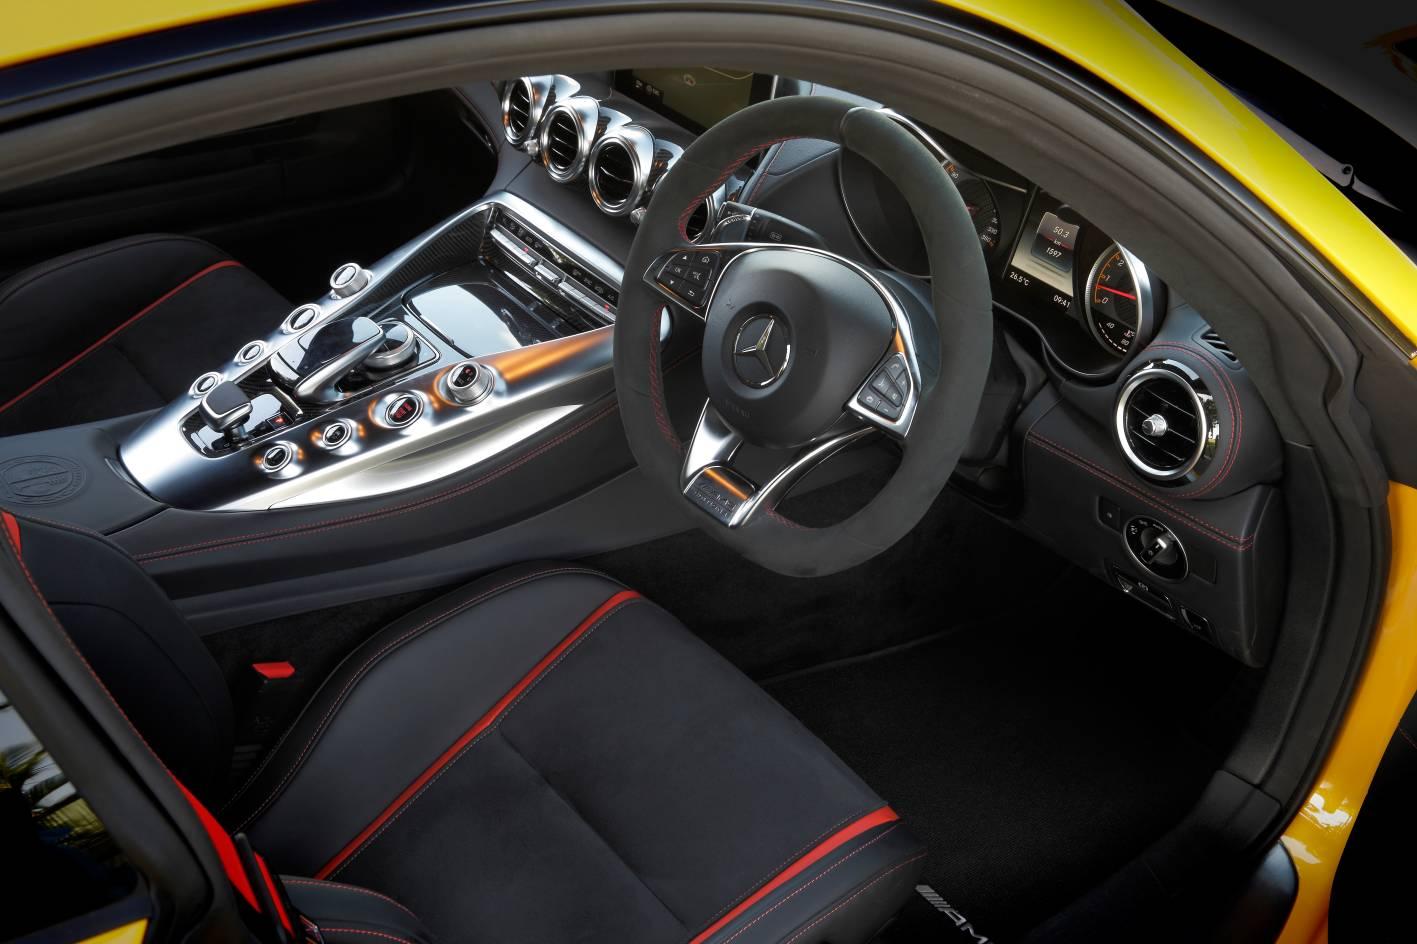 Interior mercedes amg gt s dtm safety car c190 2015 pr - Mercedes Amg Gt S Interior